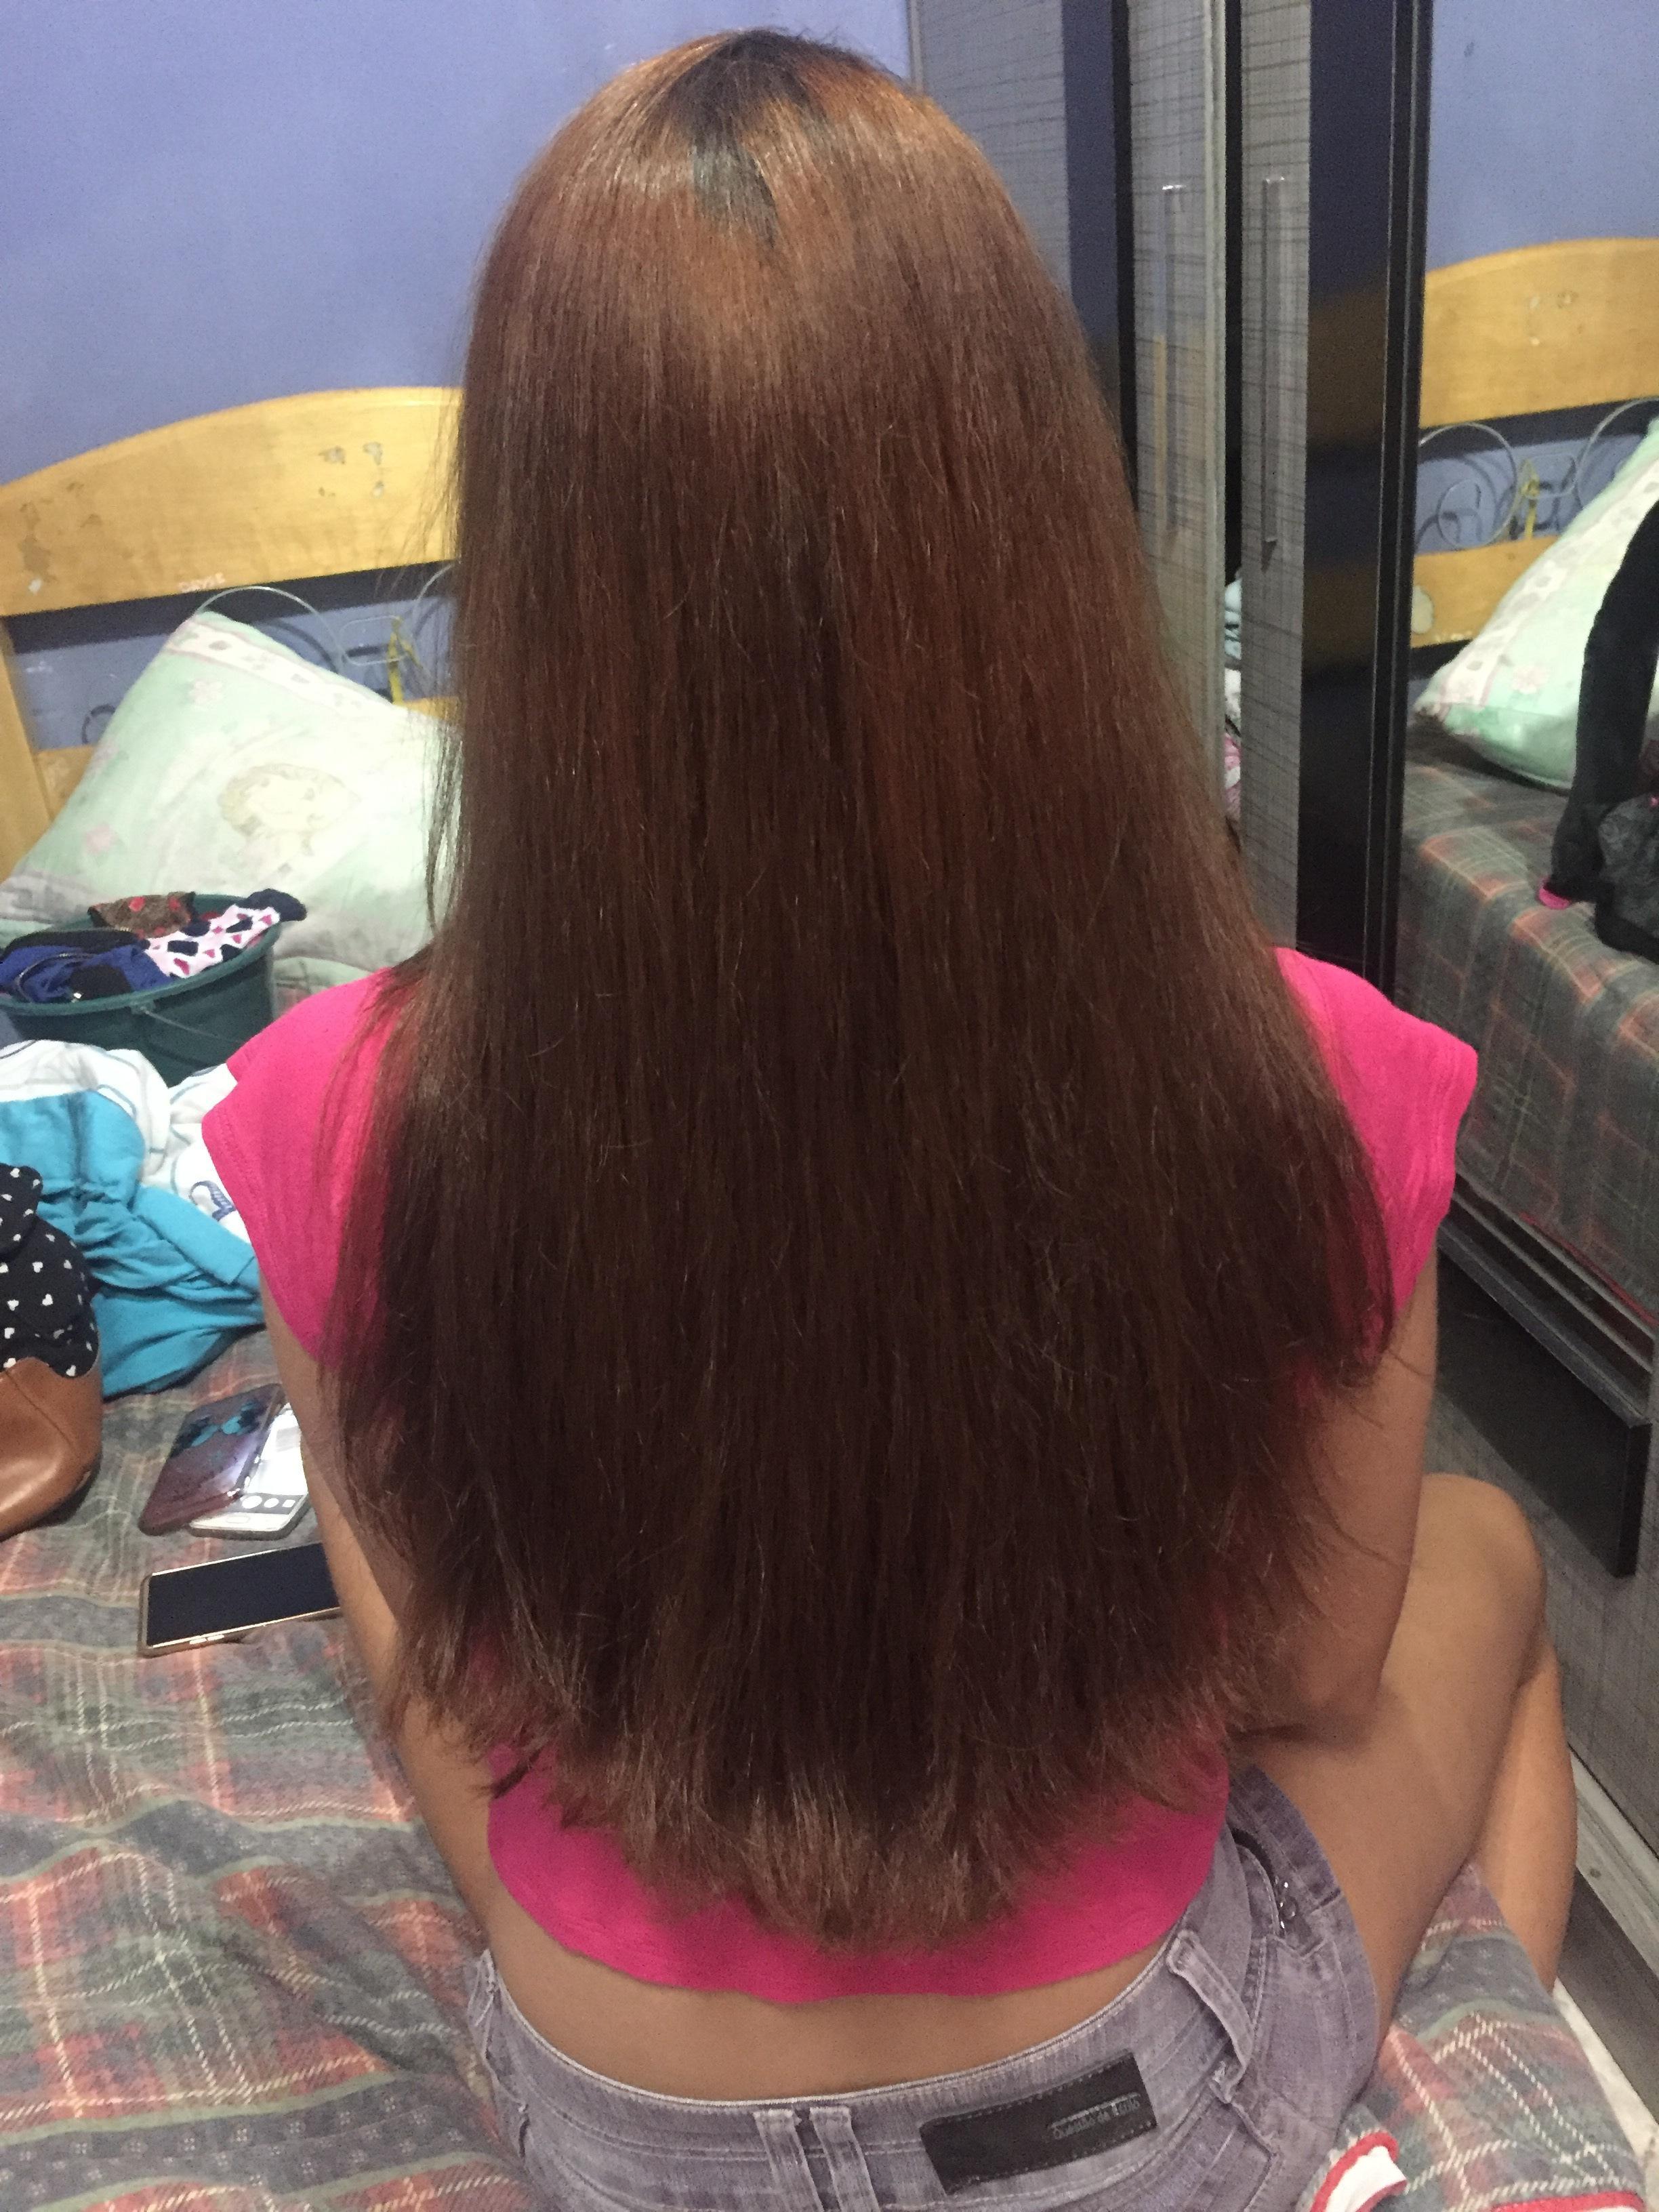 Corte V 💇🏻 cabelo